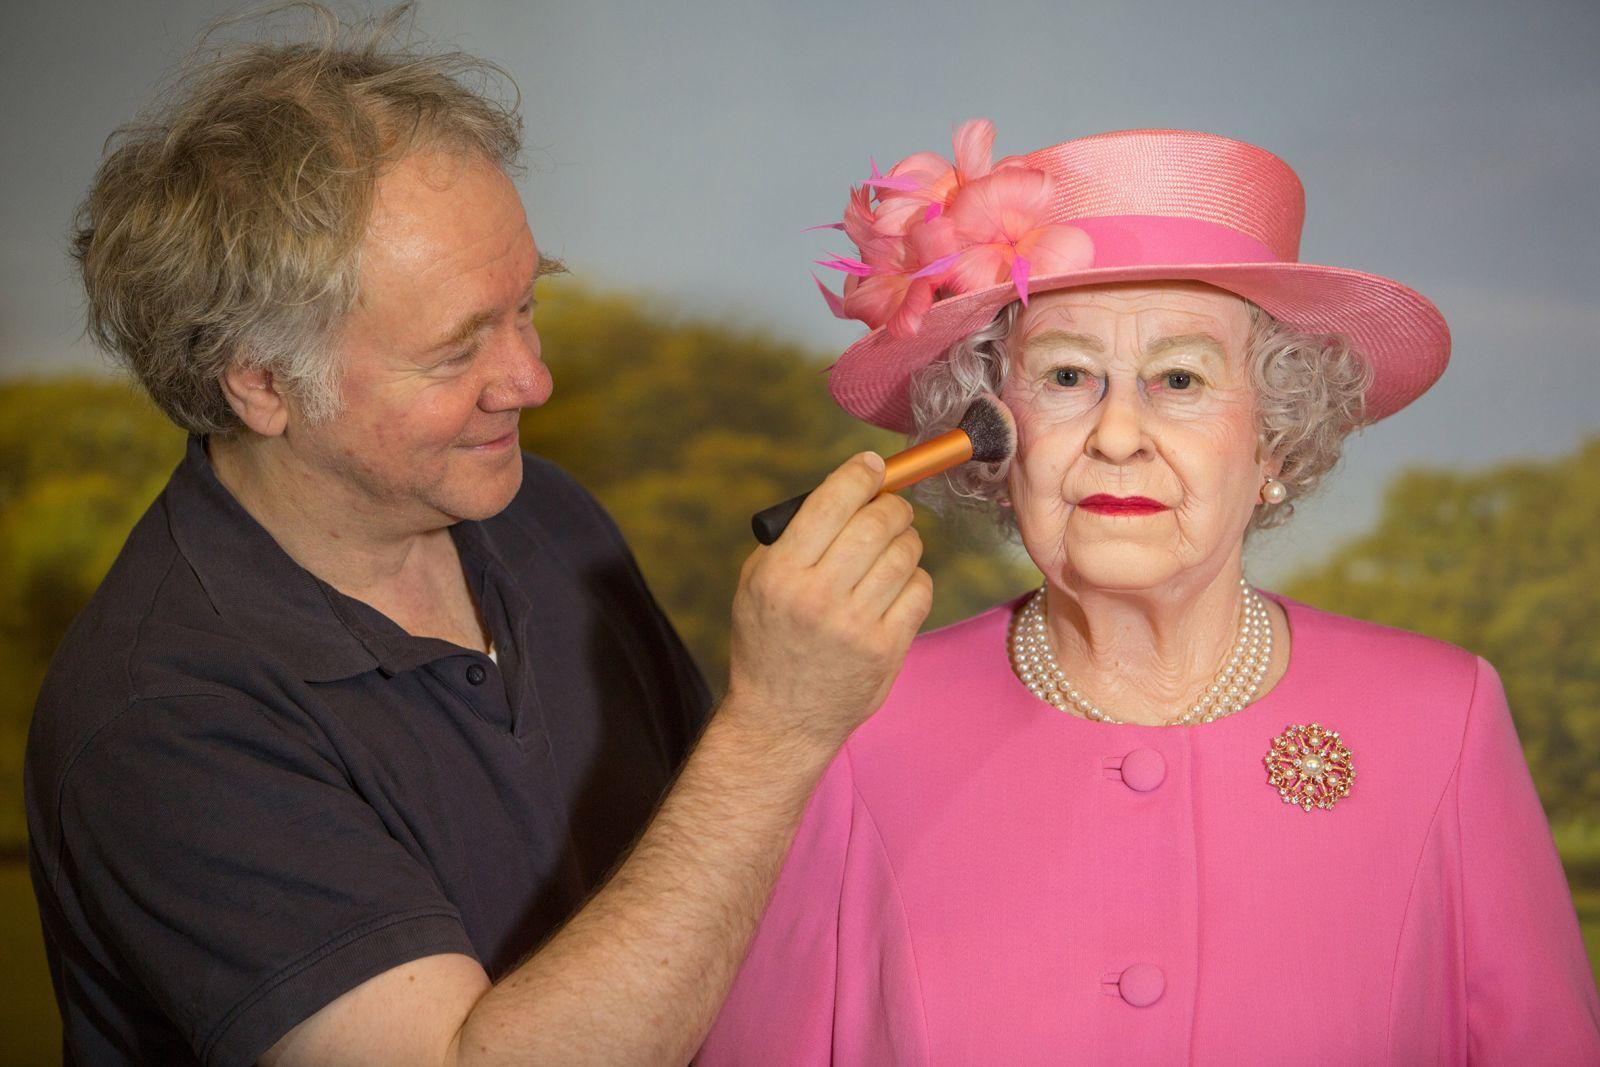 Dieser Mann hat die Queen geschminkt: der Schöpfer der Wachsfigur im Hamburger Panoptikum, Gottfried Krüger.